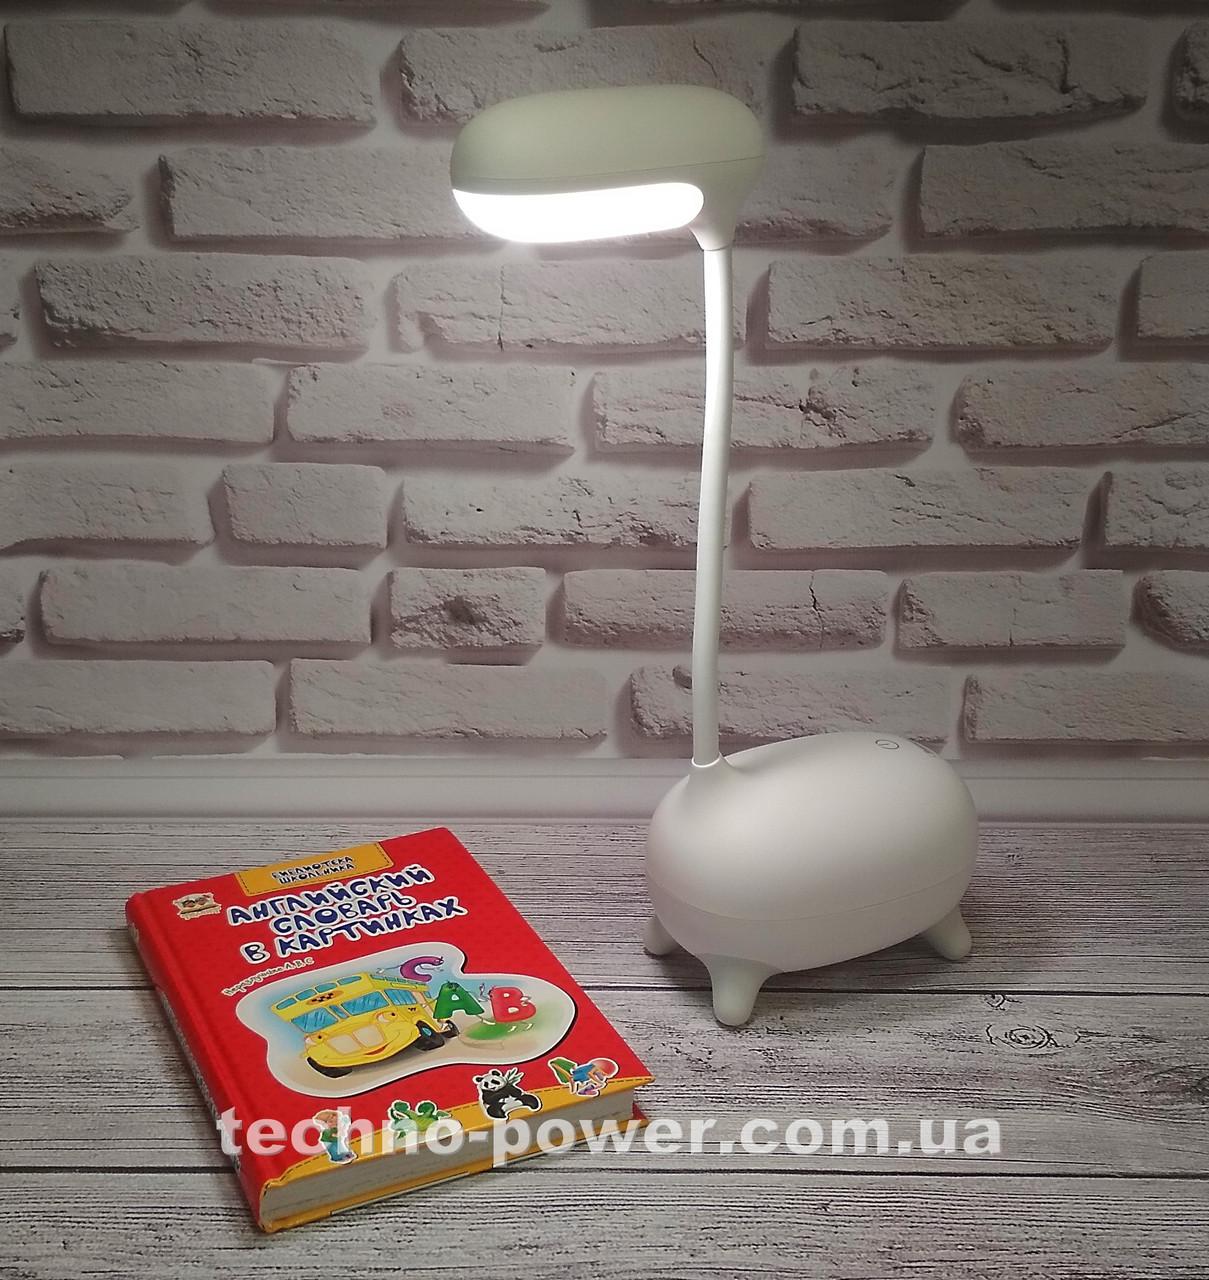 Детская настольная LED лампа Remax Deer LED Lamp RT-E315 с аккумулятором. Портативная Led лампа детская